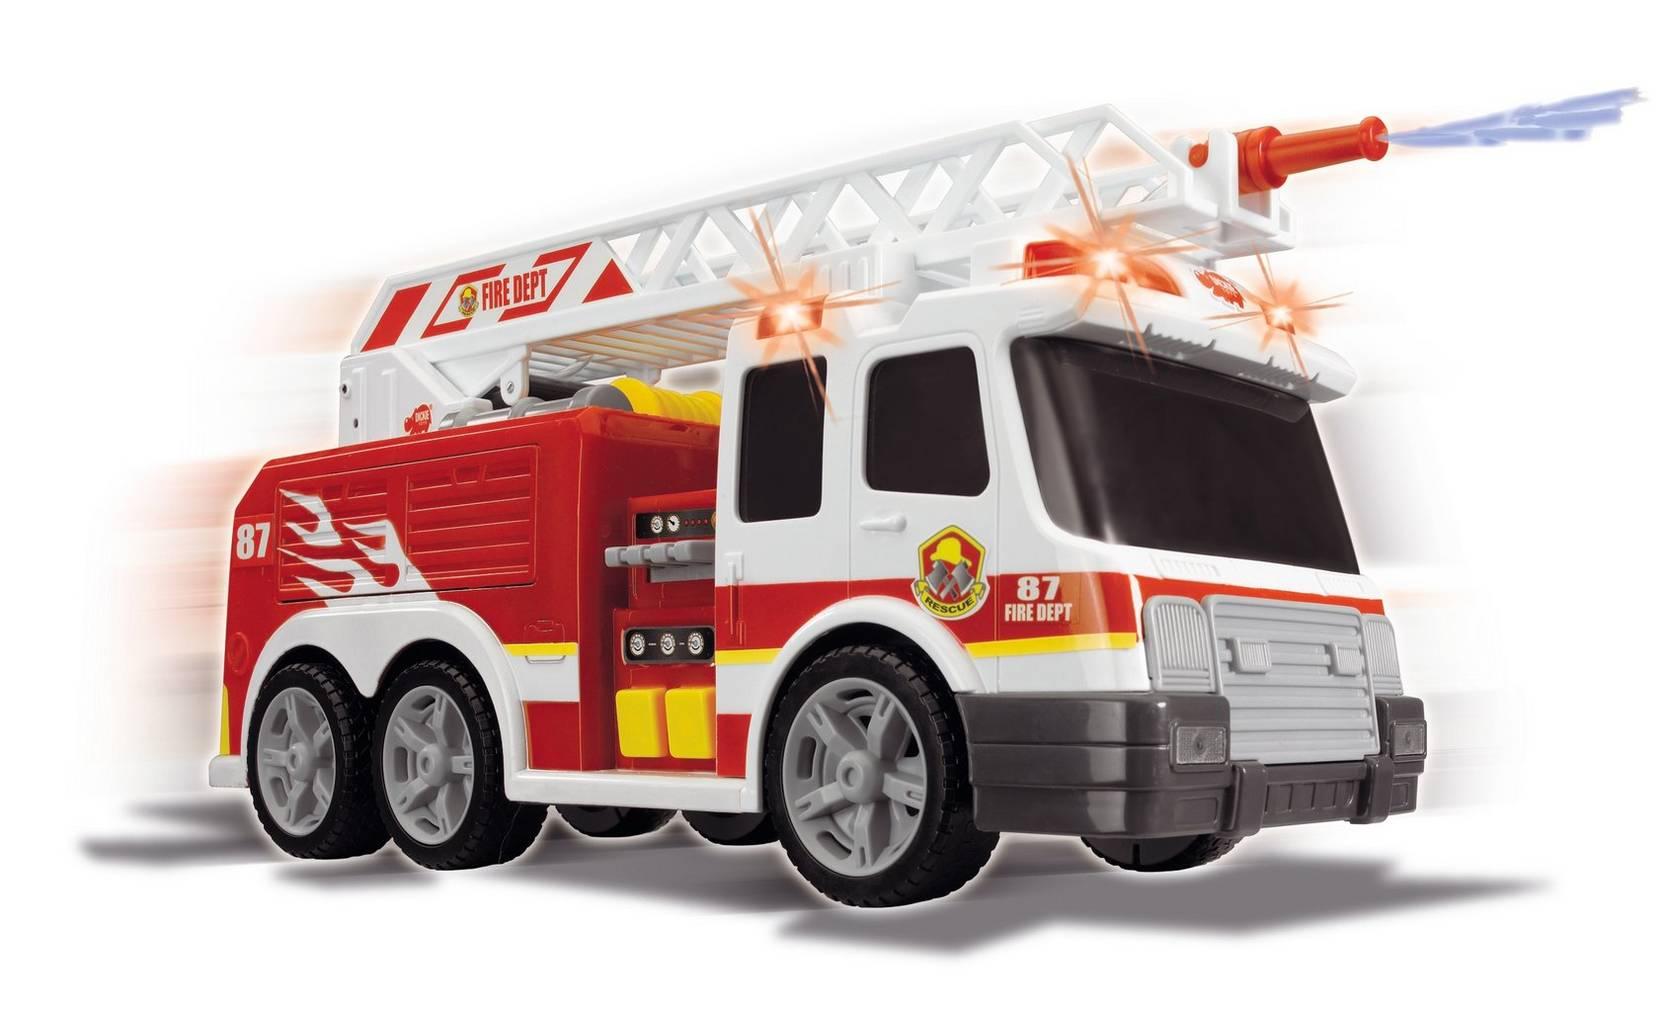 Paristokäyttöinen paloauto